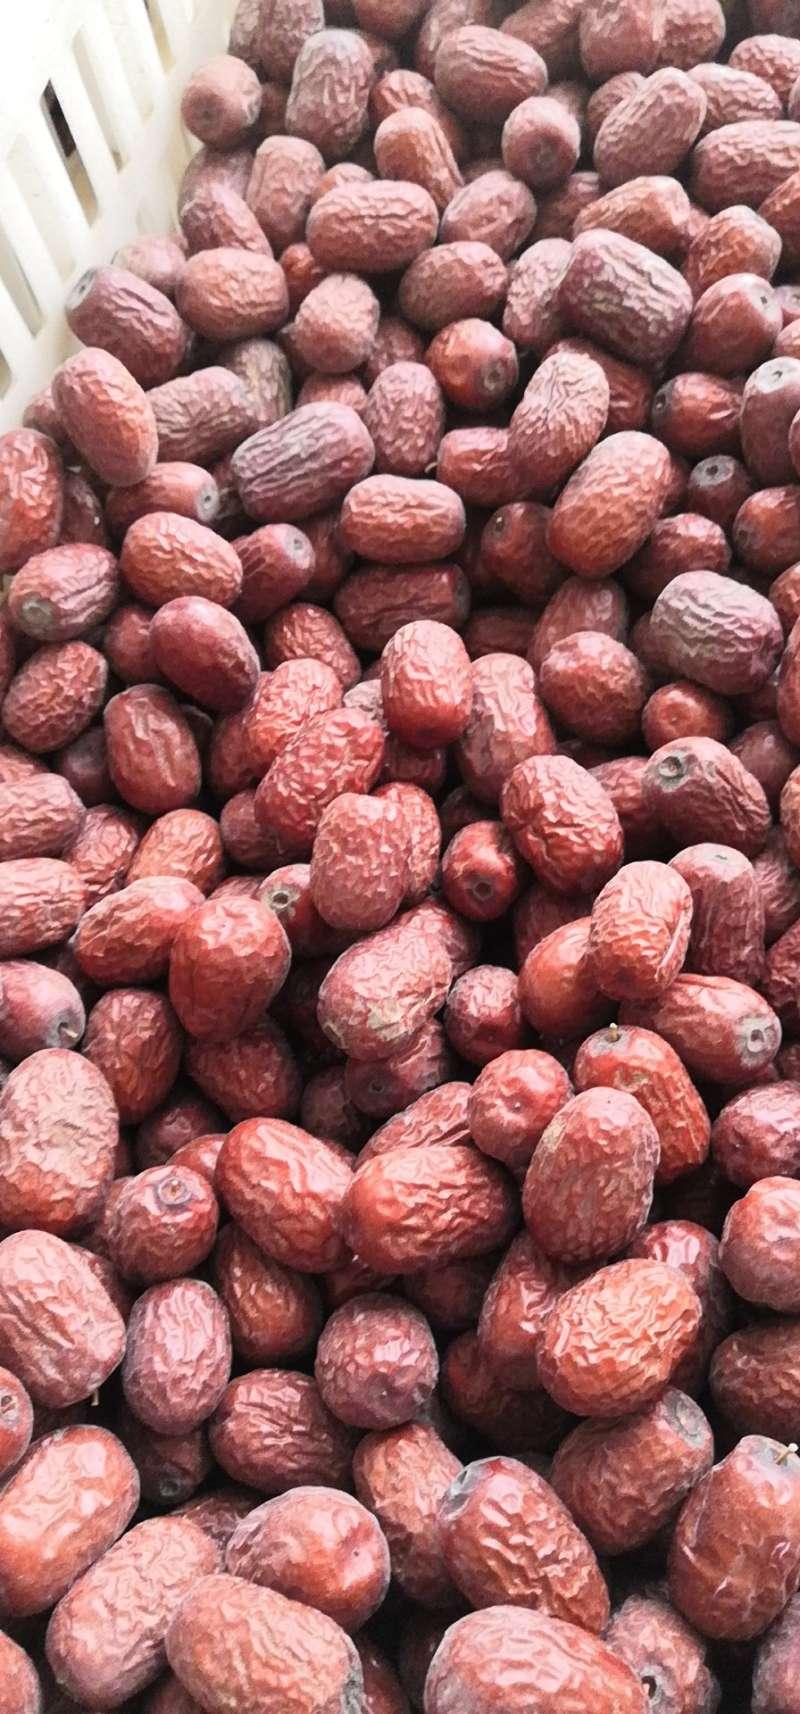 60 斤 5 斤 18 新疆若羌小灰枣未洗带灰三级小小枣粗选一箱净重